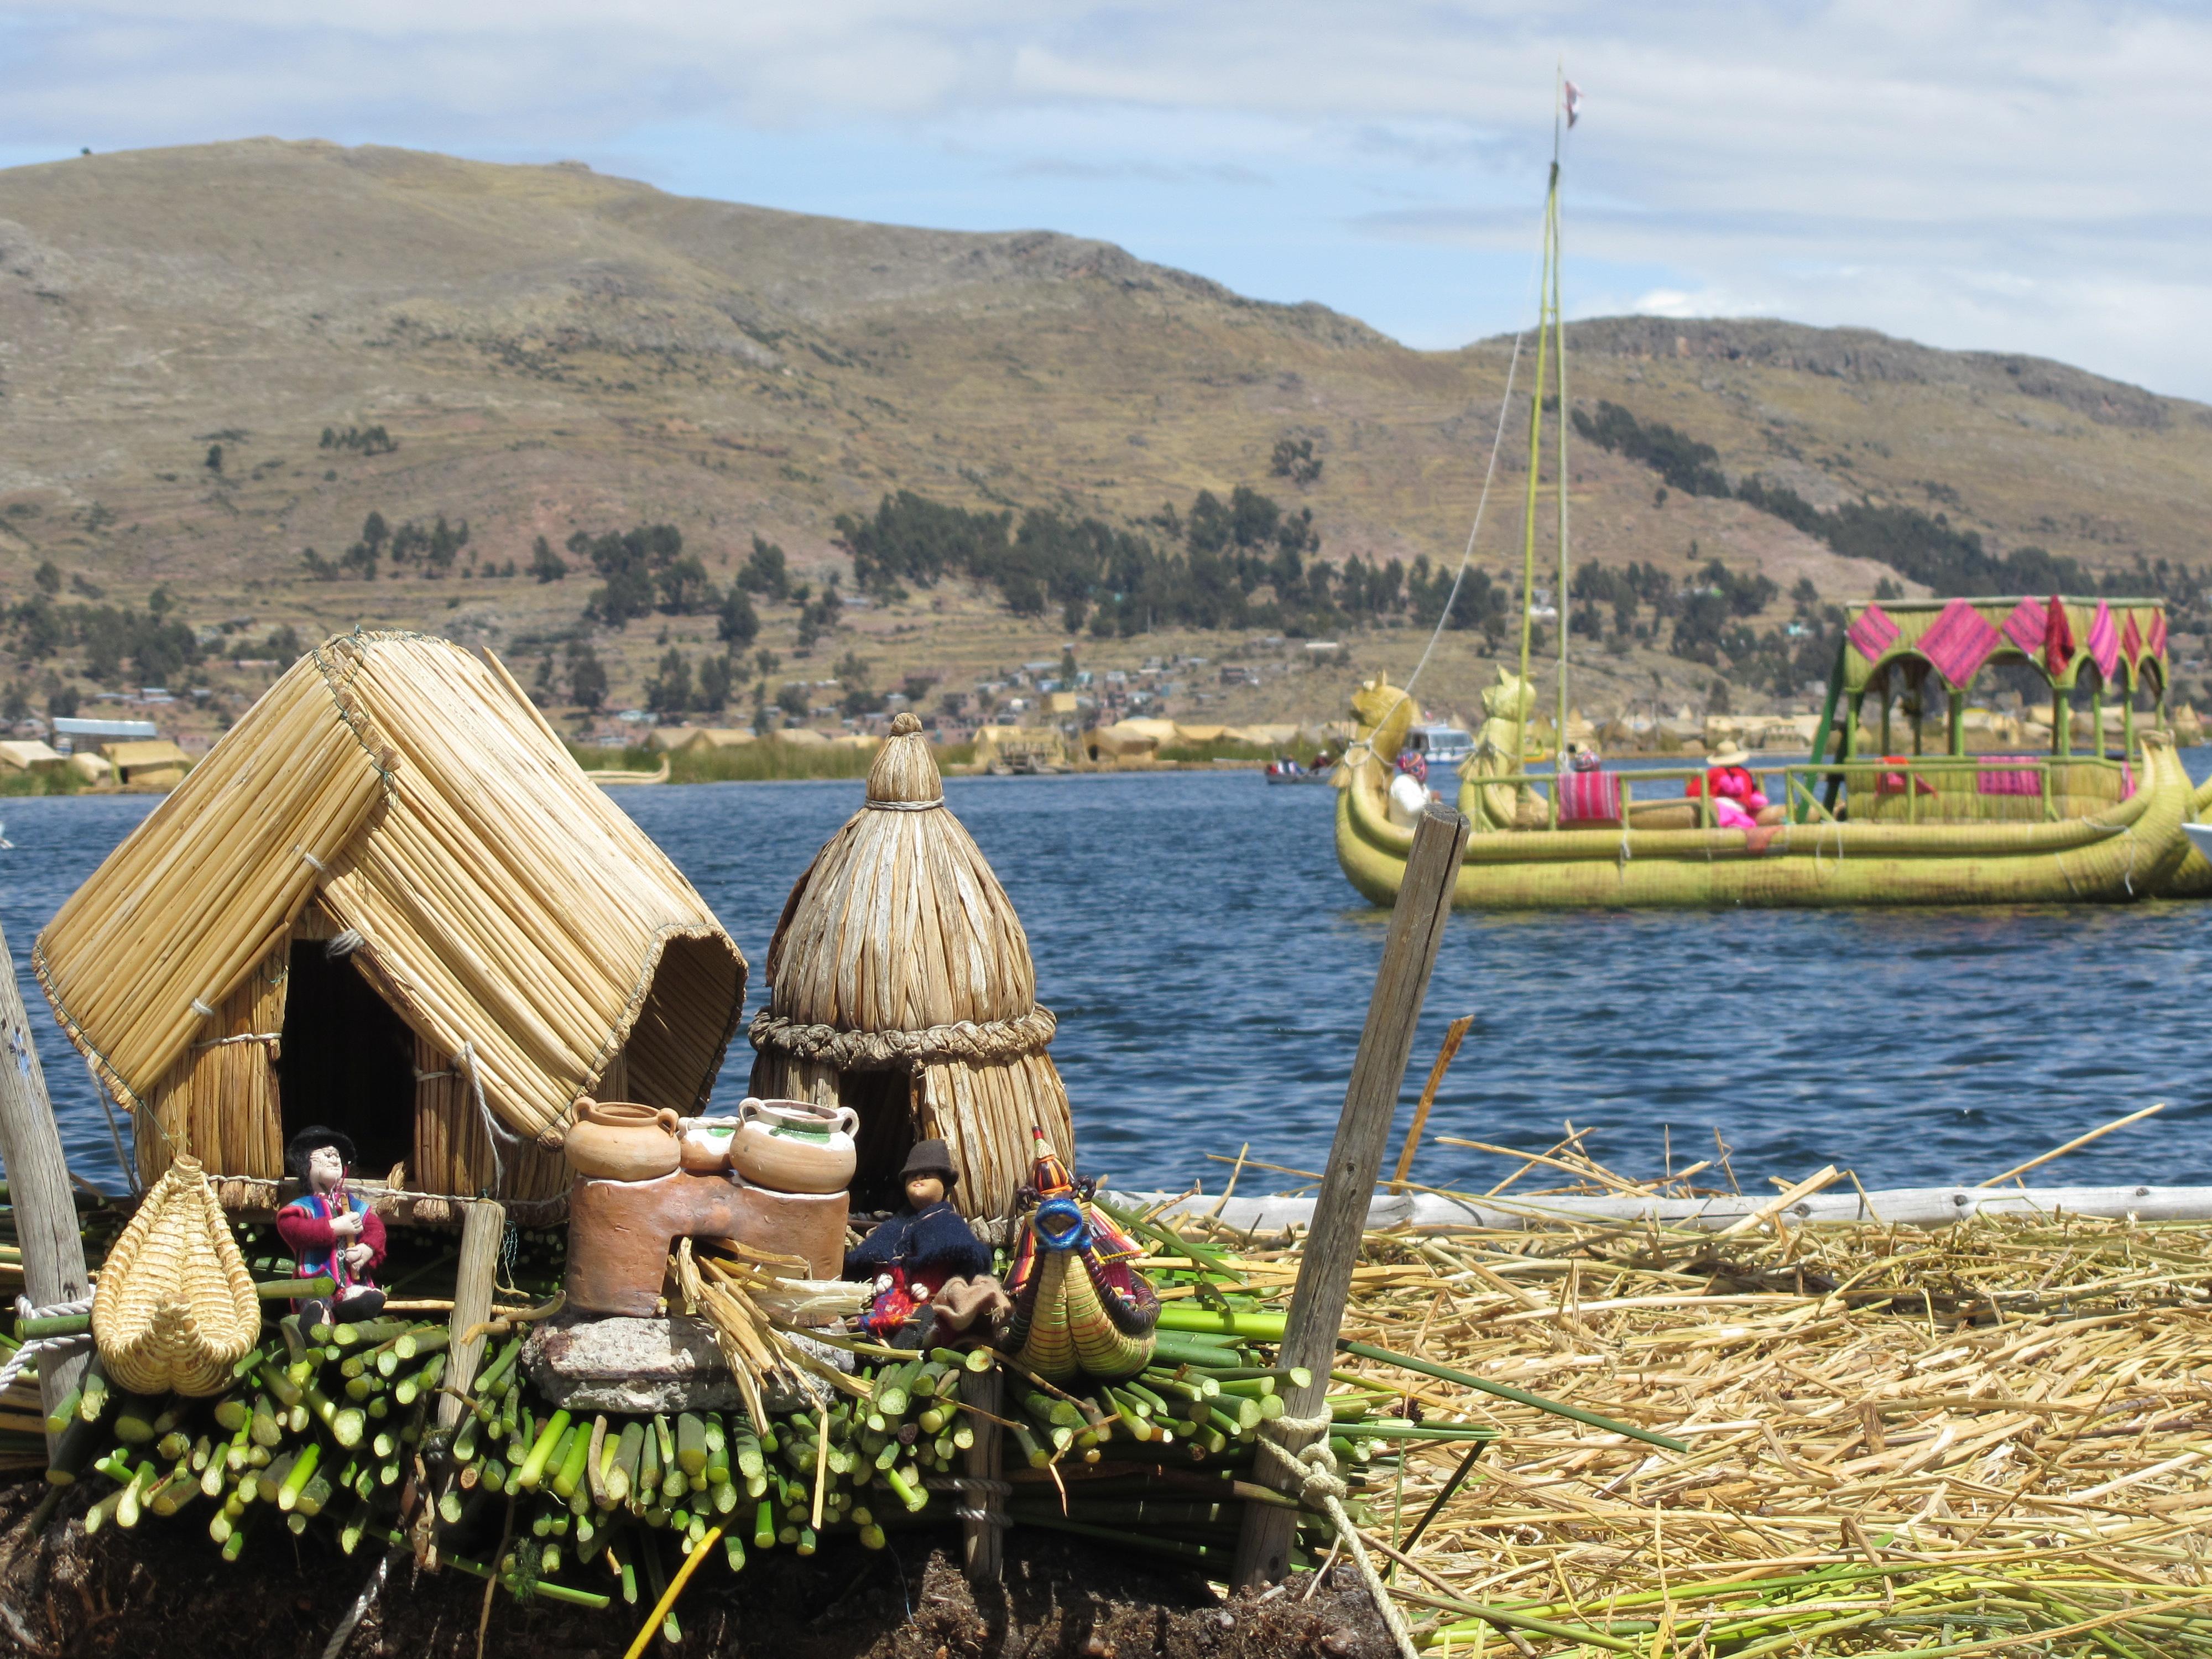 Îles flottantes, lac Titicaca